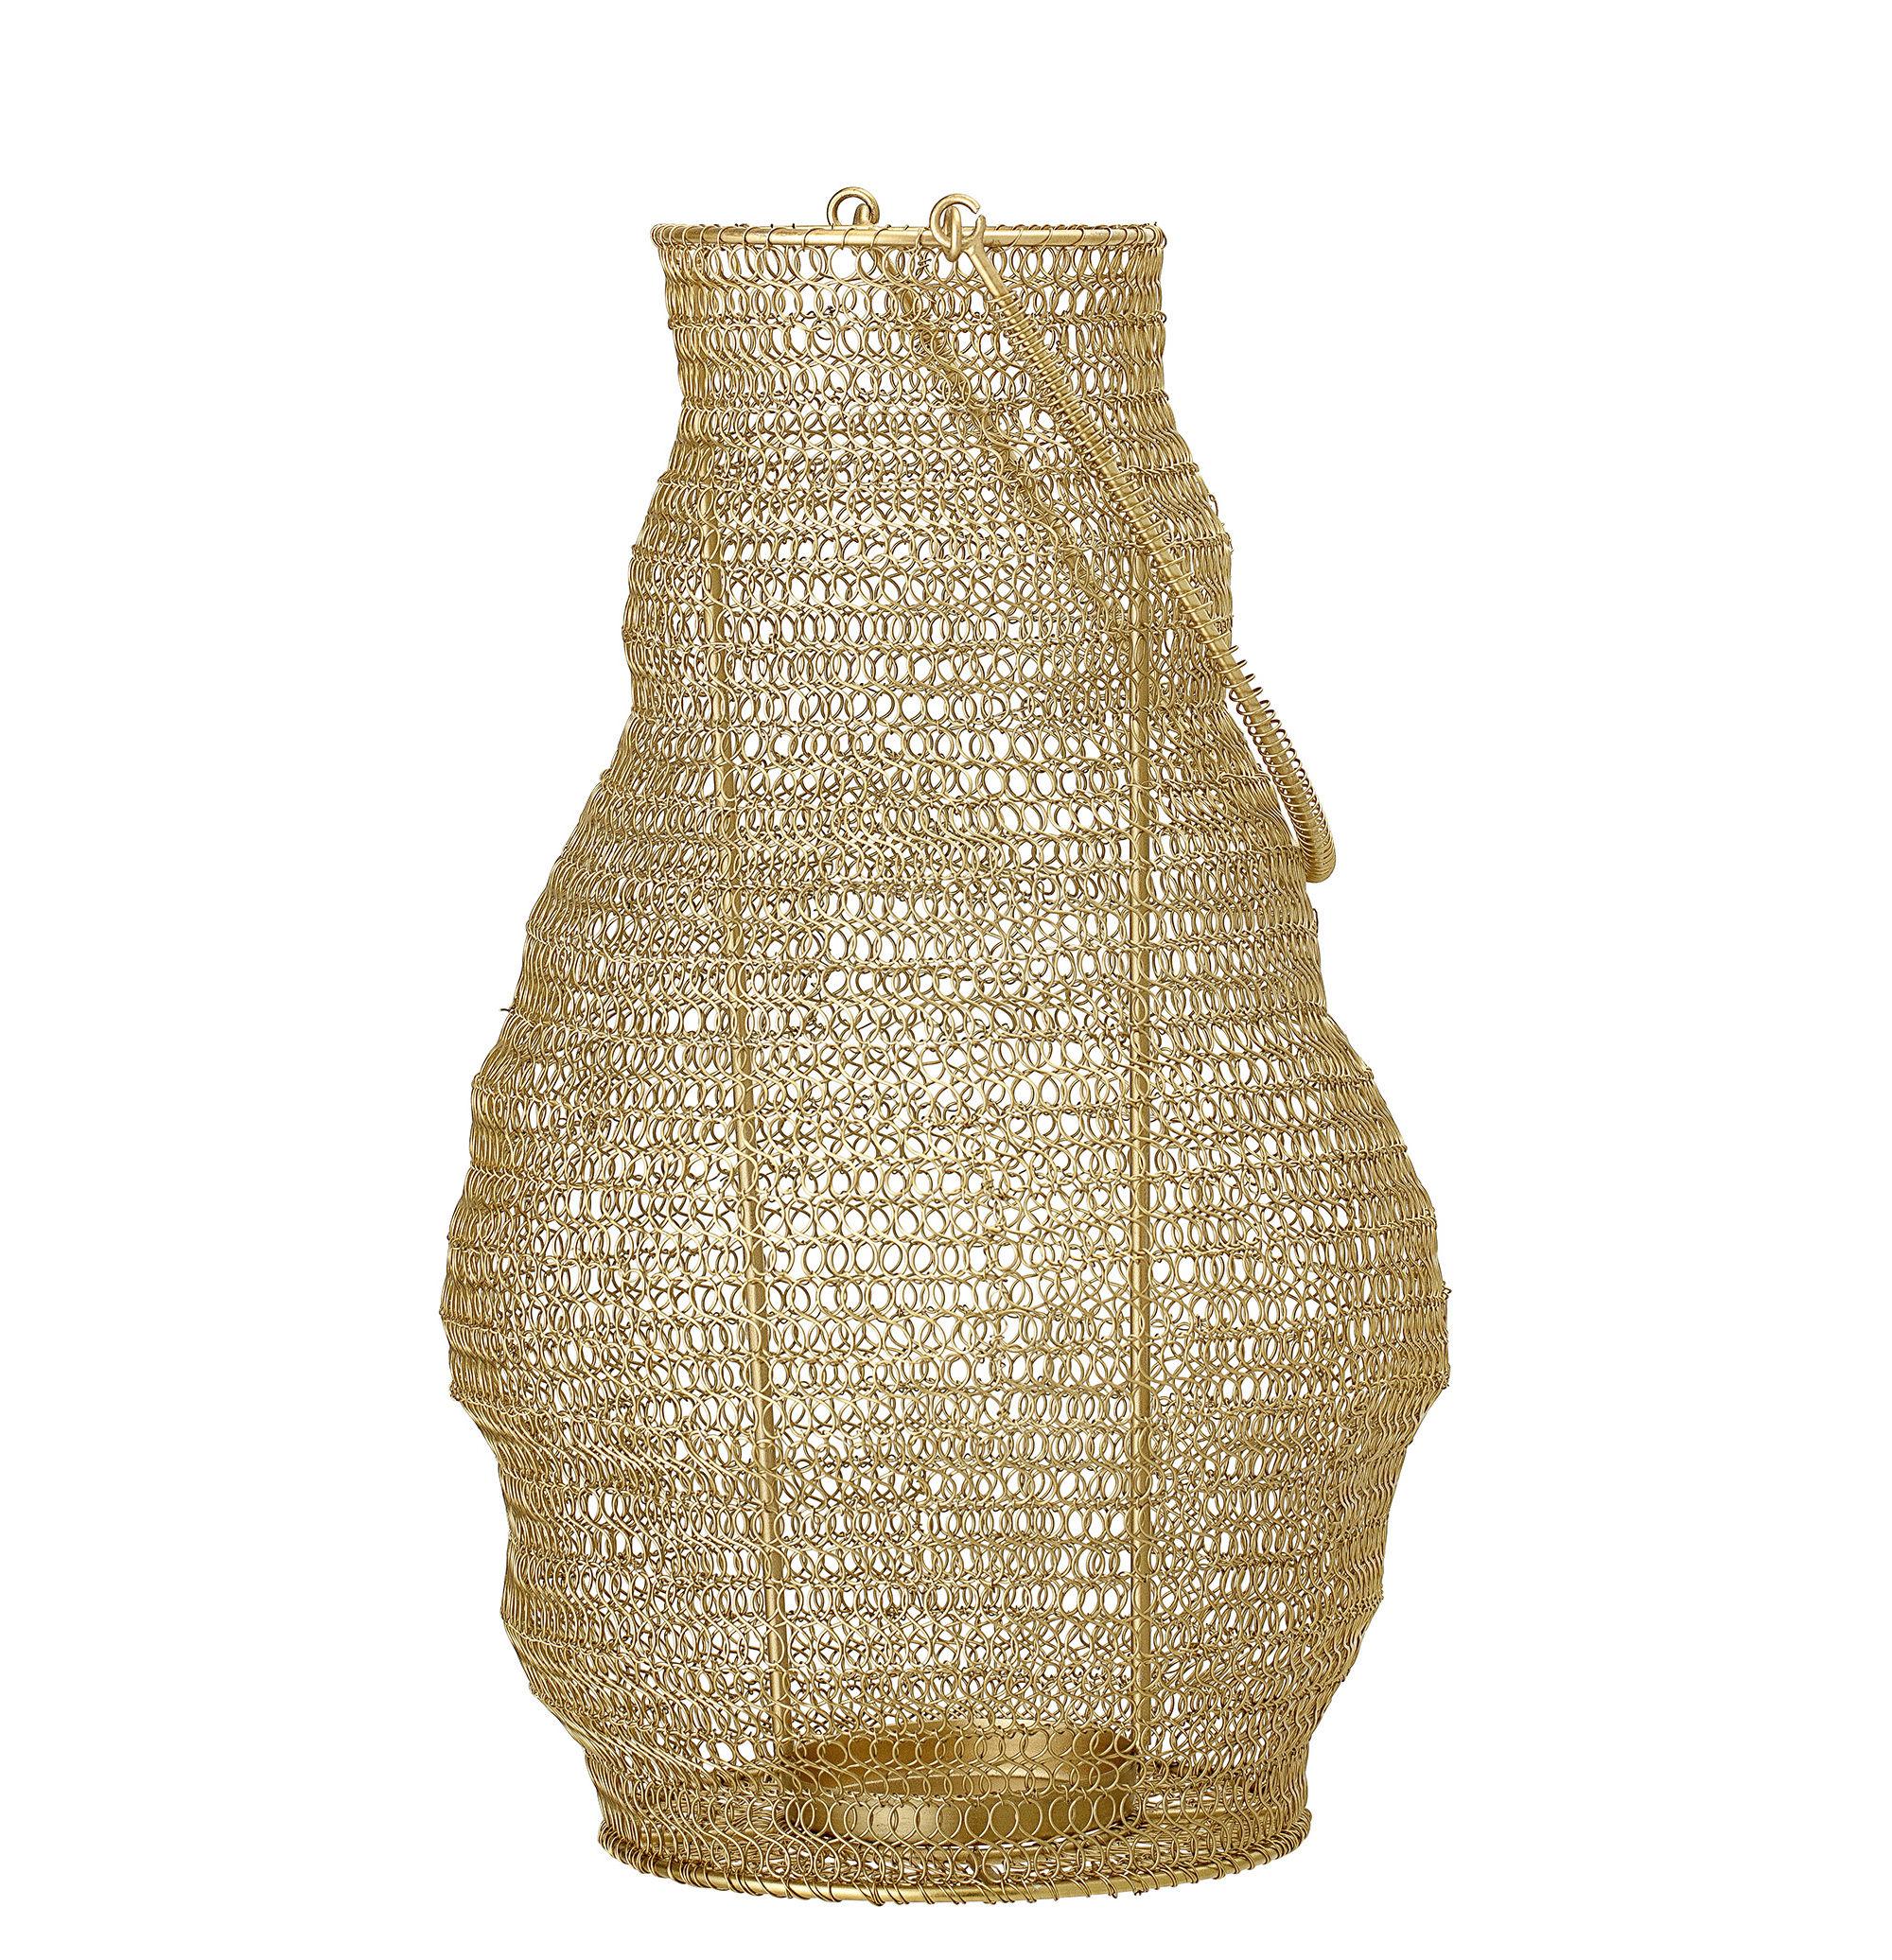 Decoration - Candles & Candle Holders - Lantern - / Metal mesh - H 38 cm by Bloomingville - Gold - Résille de métal - Structure interne et poignée : métal